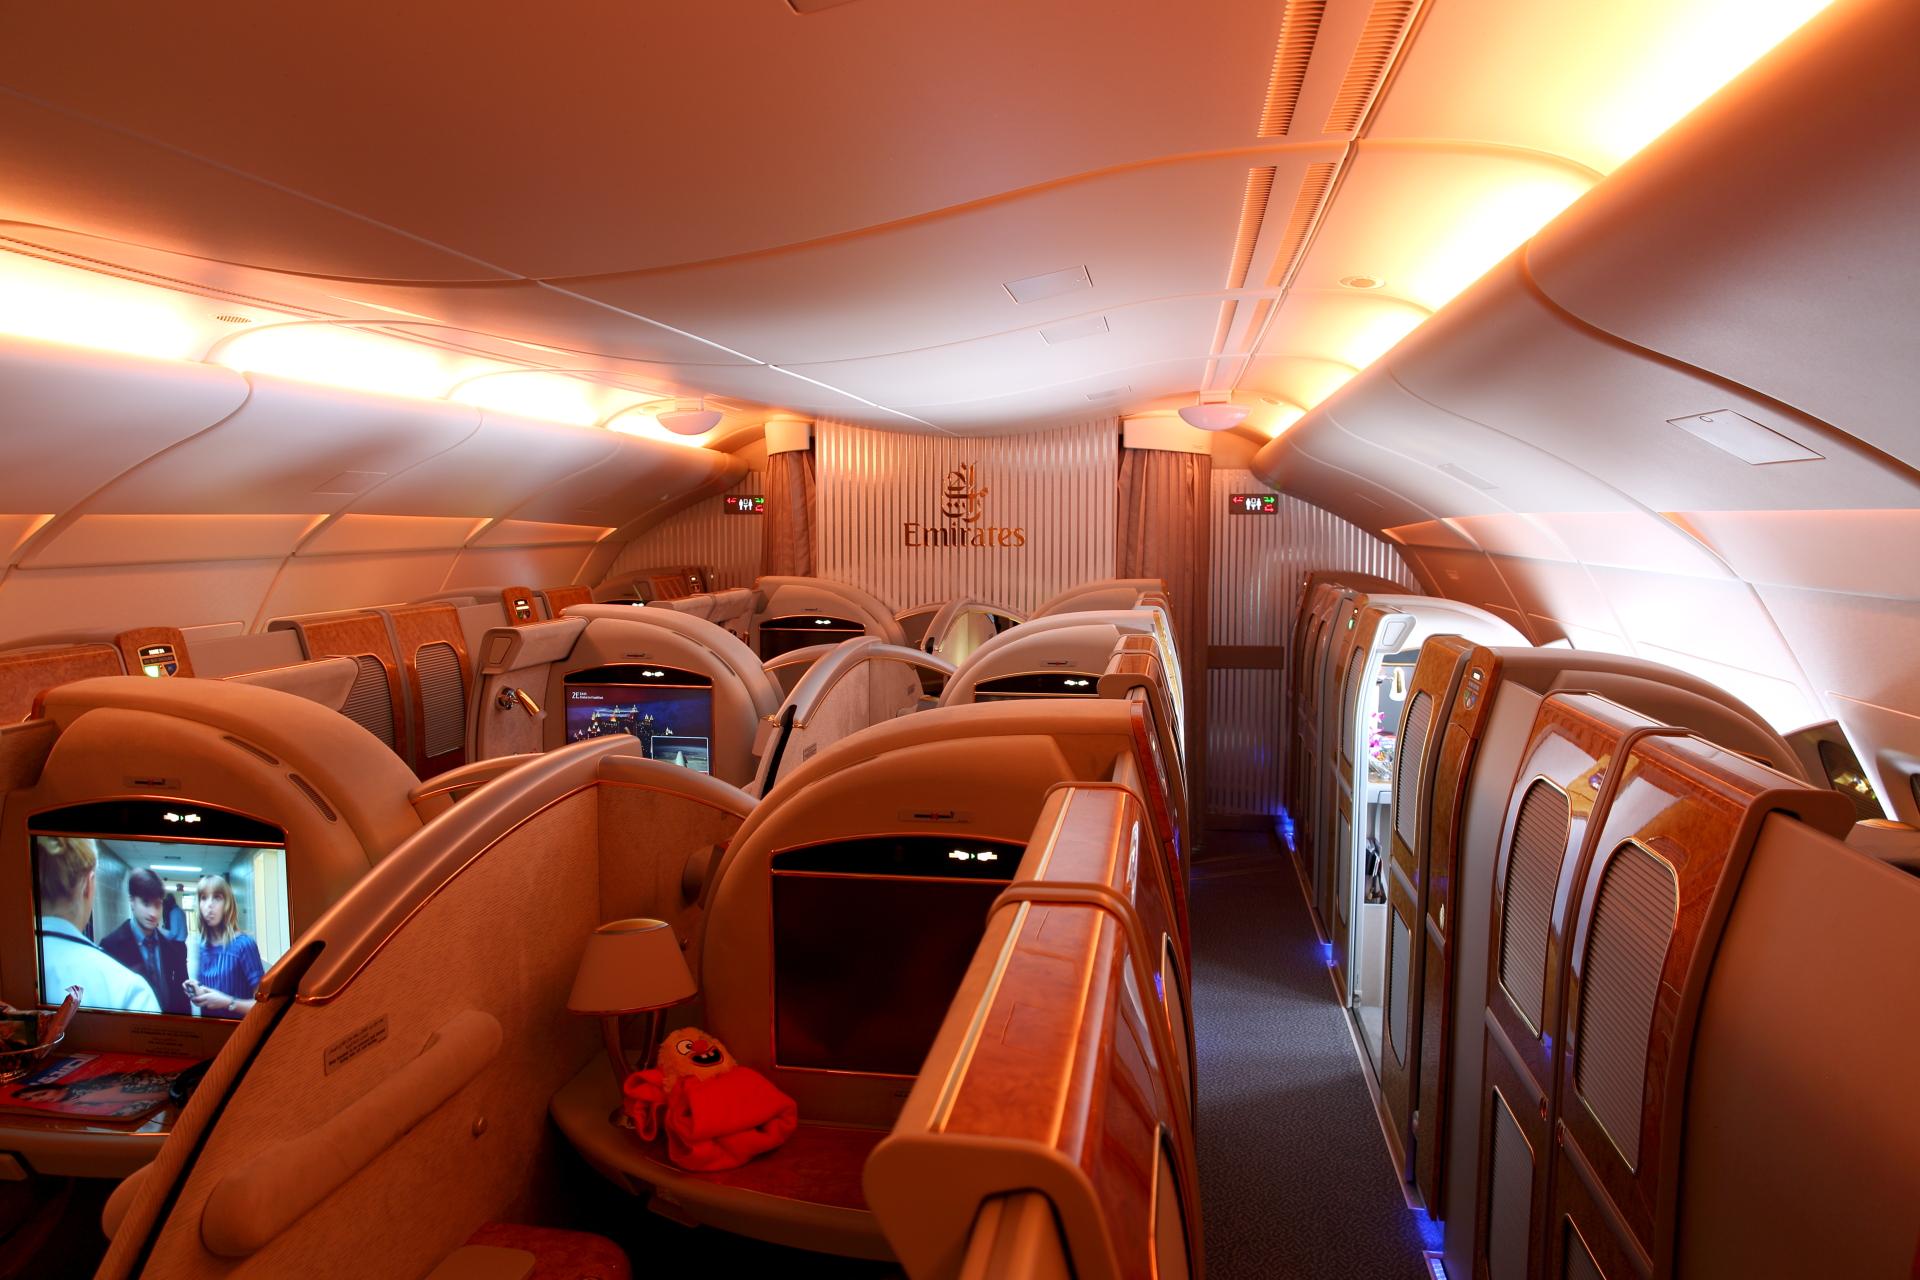 Luksuzni izgled kabine prve klase